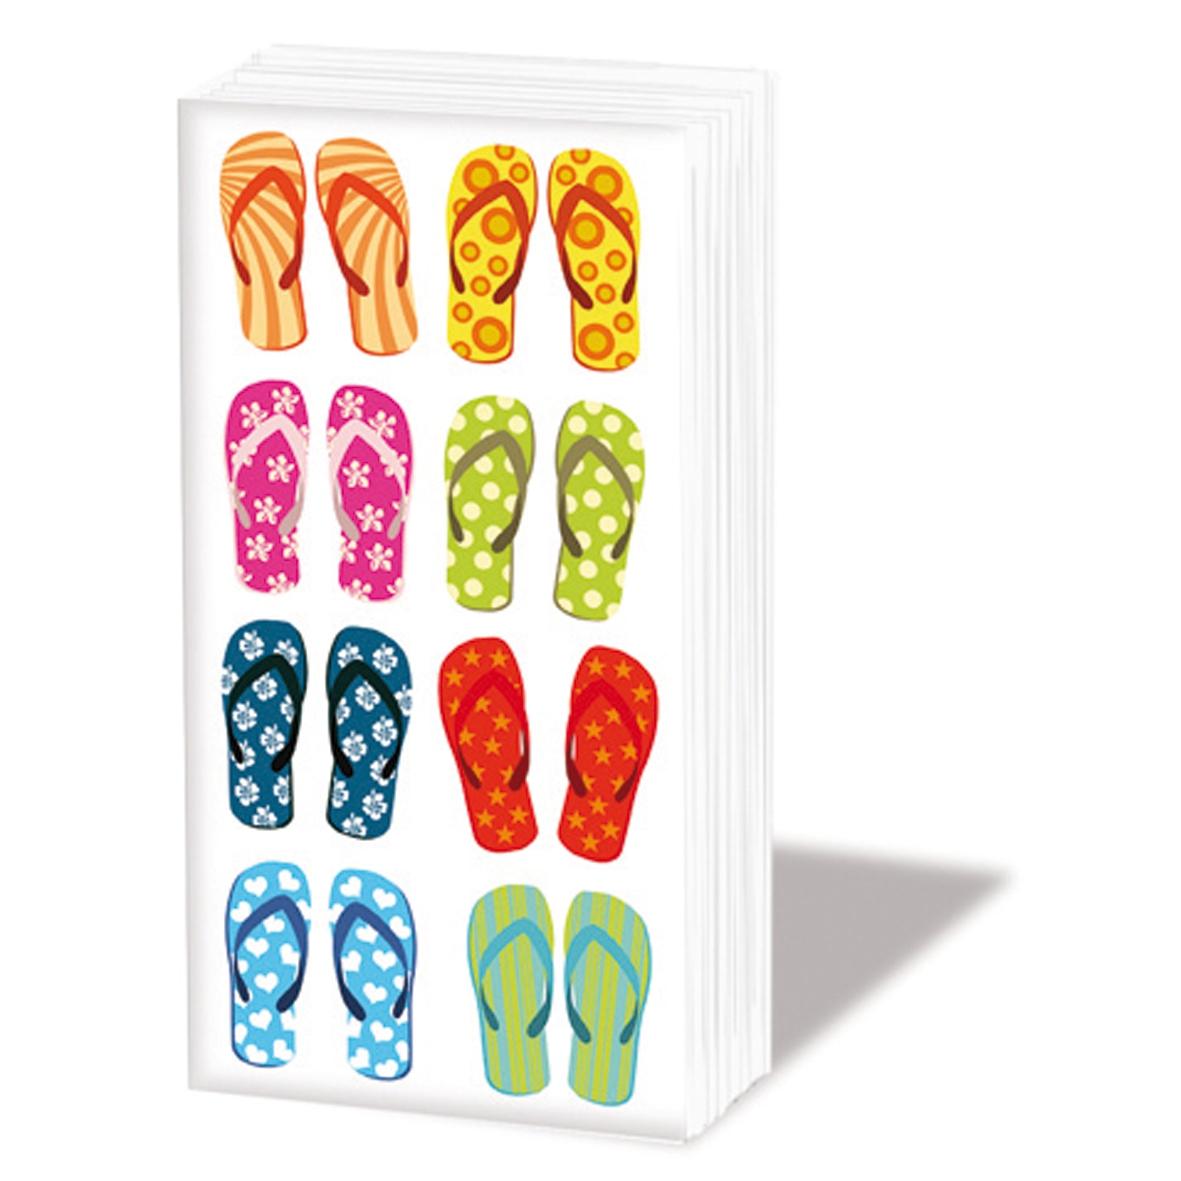 Taschentücher Tropical FlipFlop,  Everyday,  bedruckte papiertaschentücher,  Badelatschen